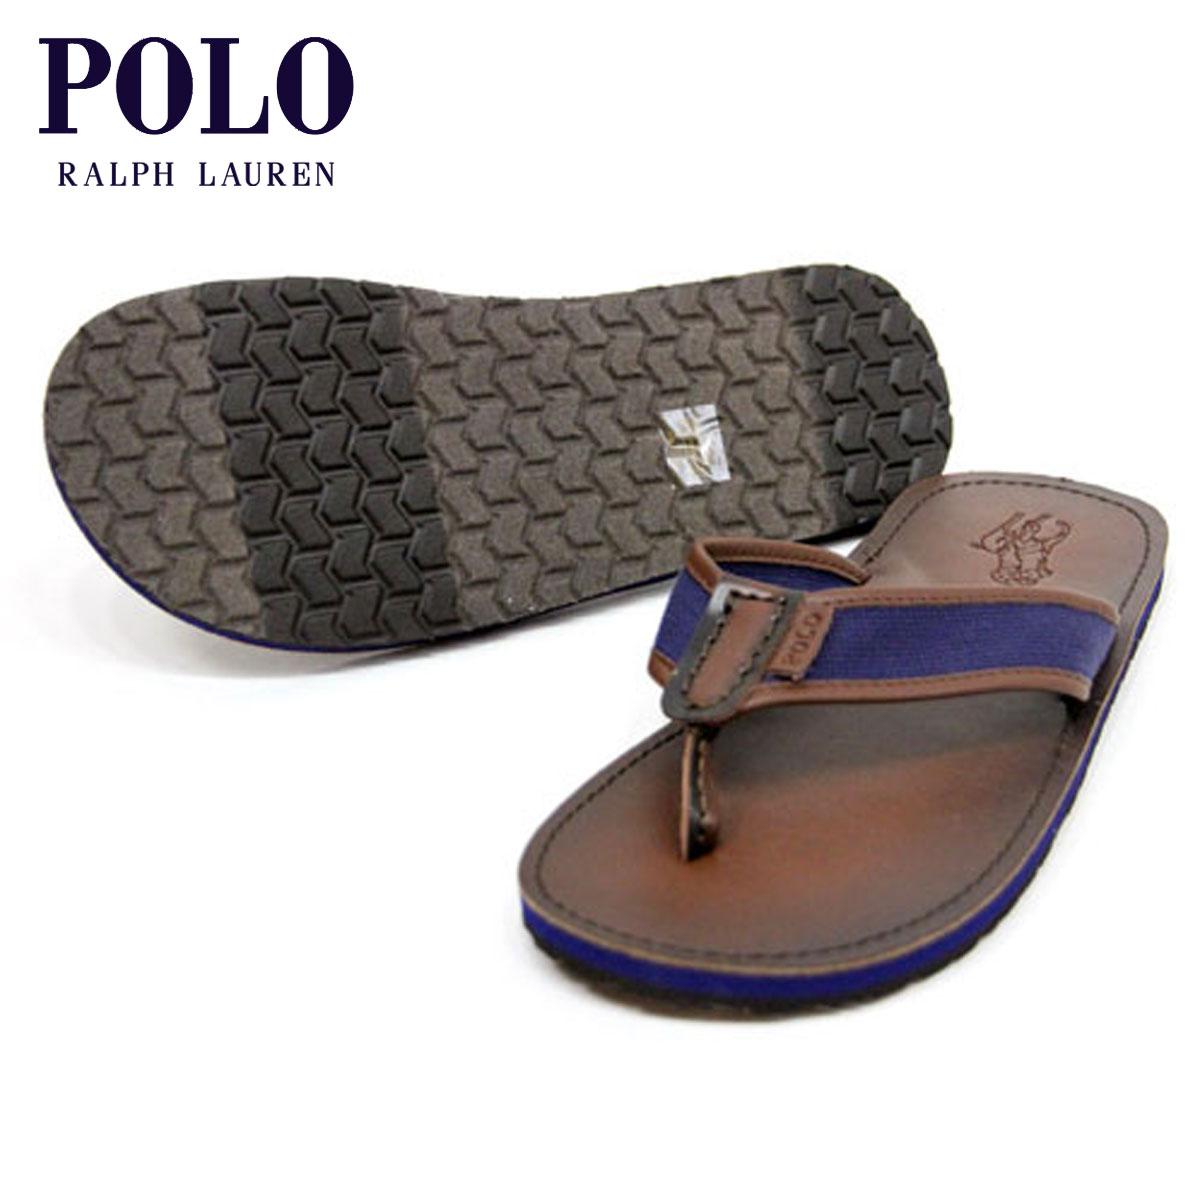 ポロ ラルフローレン POLO RALPH LAUREN 正規品 サンダル Seacroft Suede Sandal D00S20